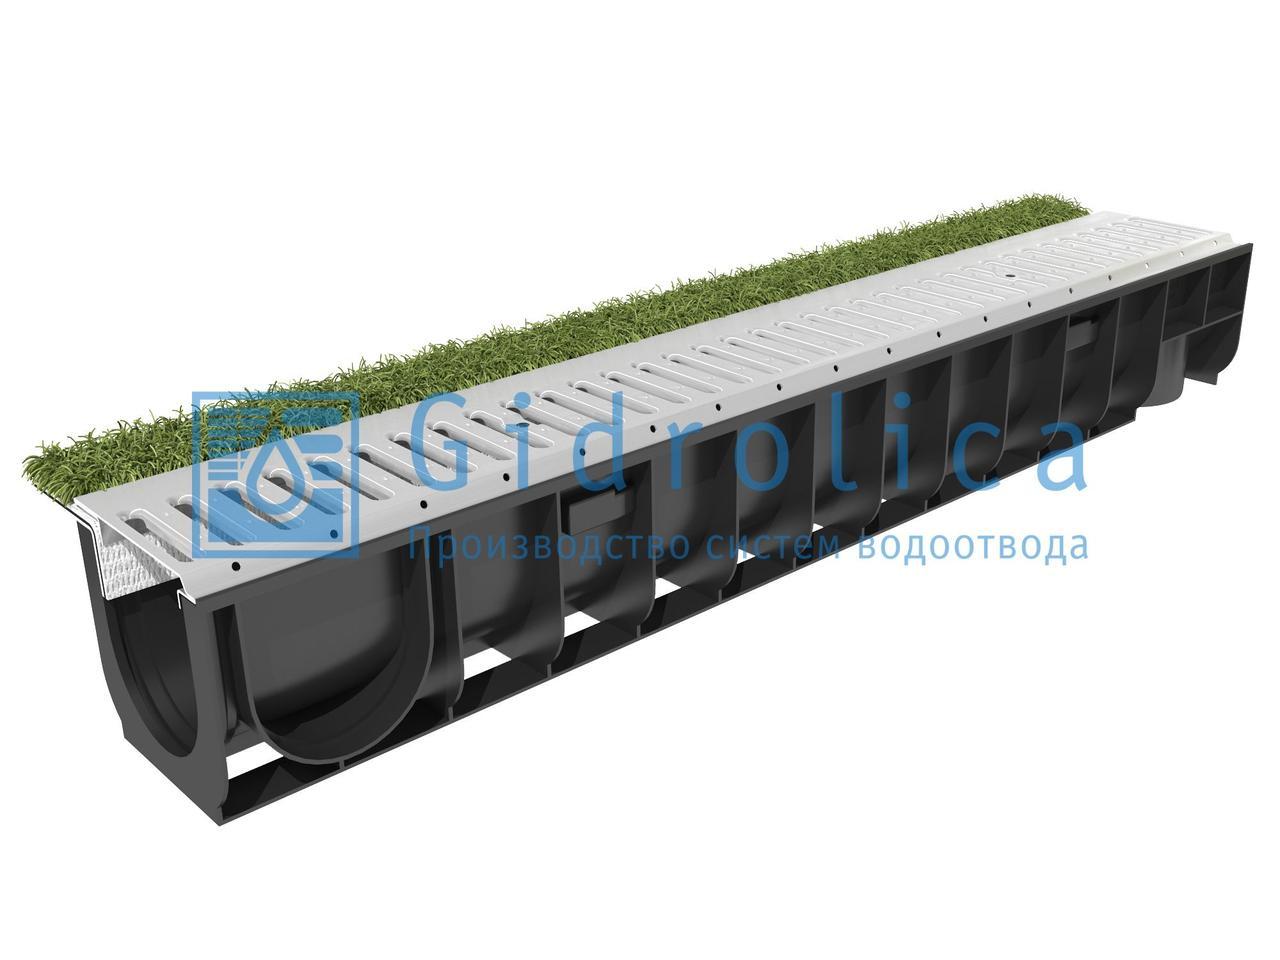 Комплект Gidrolica Sport: лоток водоотводный ЛВ-10.14,5.13,5 пластиковый с решеткой РВ-10.14,2.100 стальной оцинкованной, кл.А15